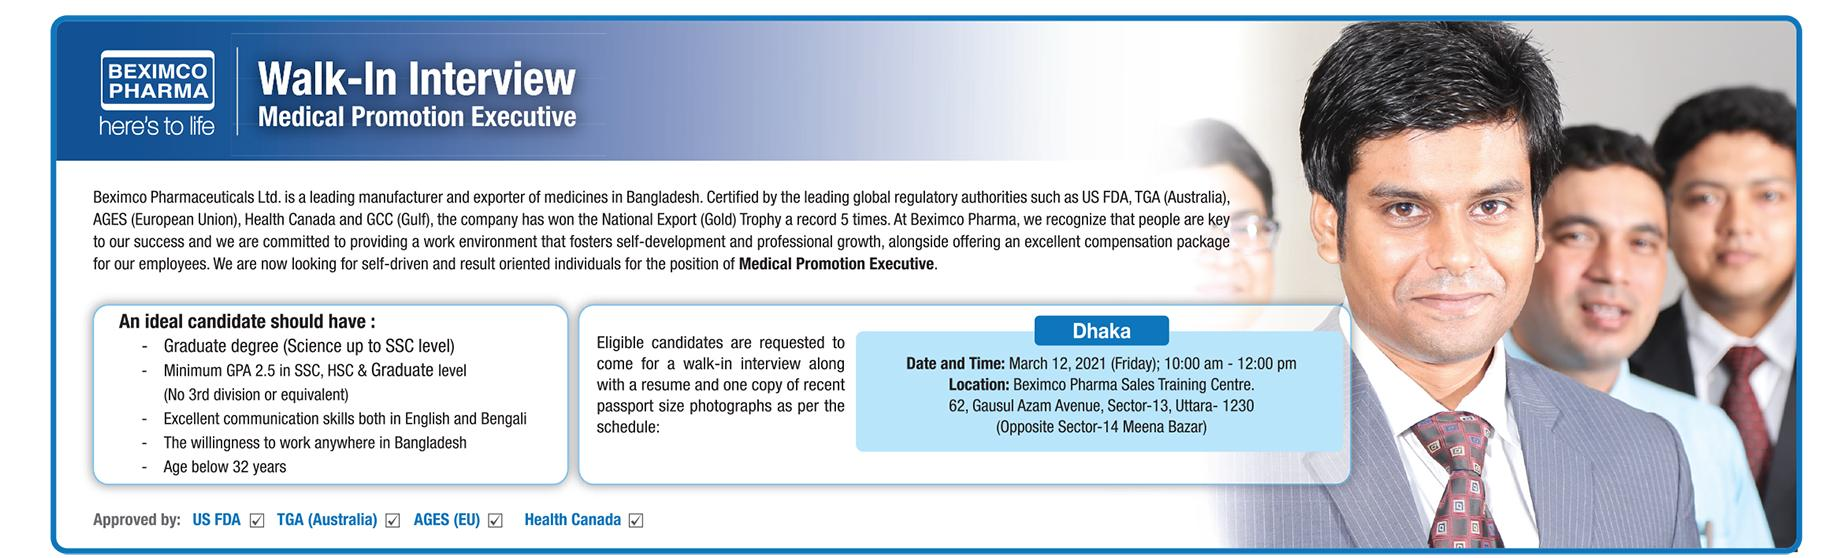 Baximco Phara Job Circular 2021 - Medical Promotion Executive Job Circular 2021